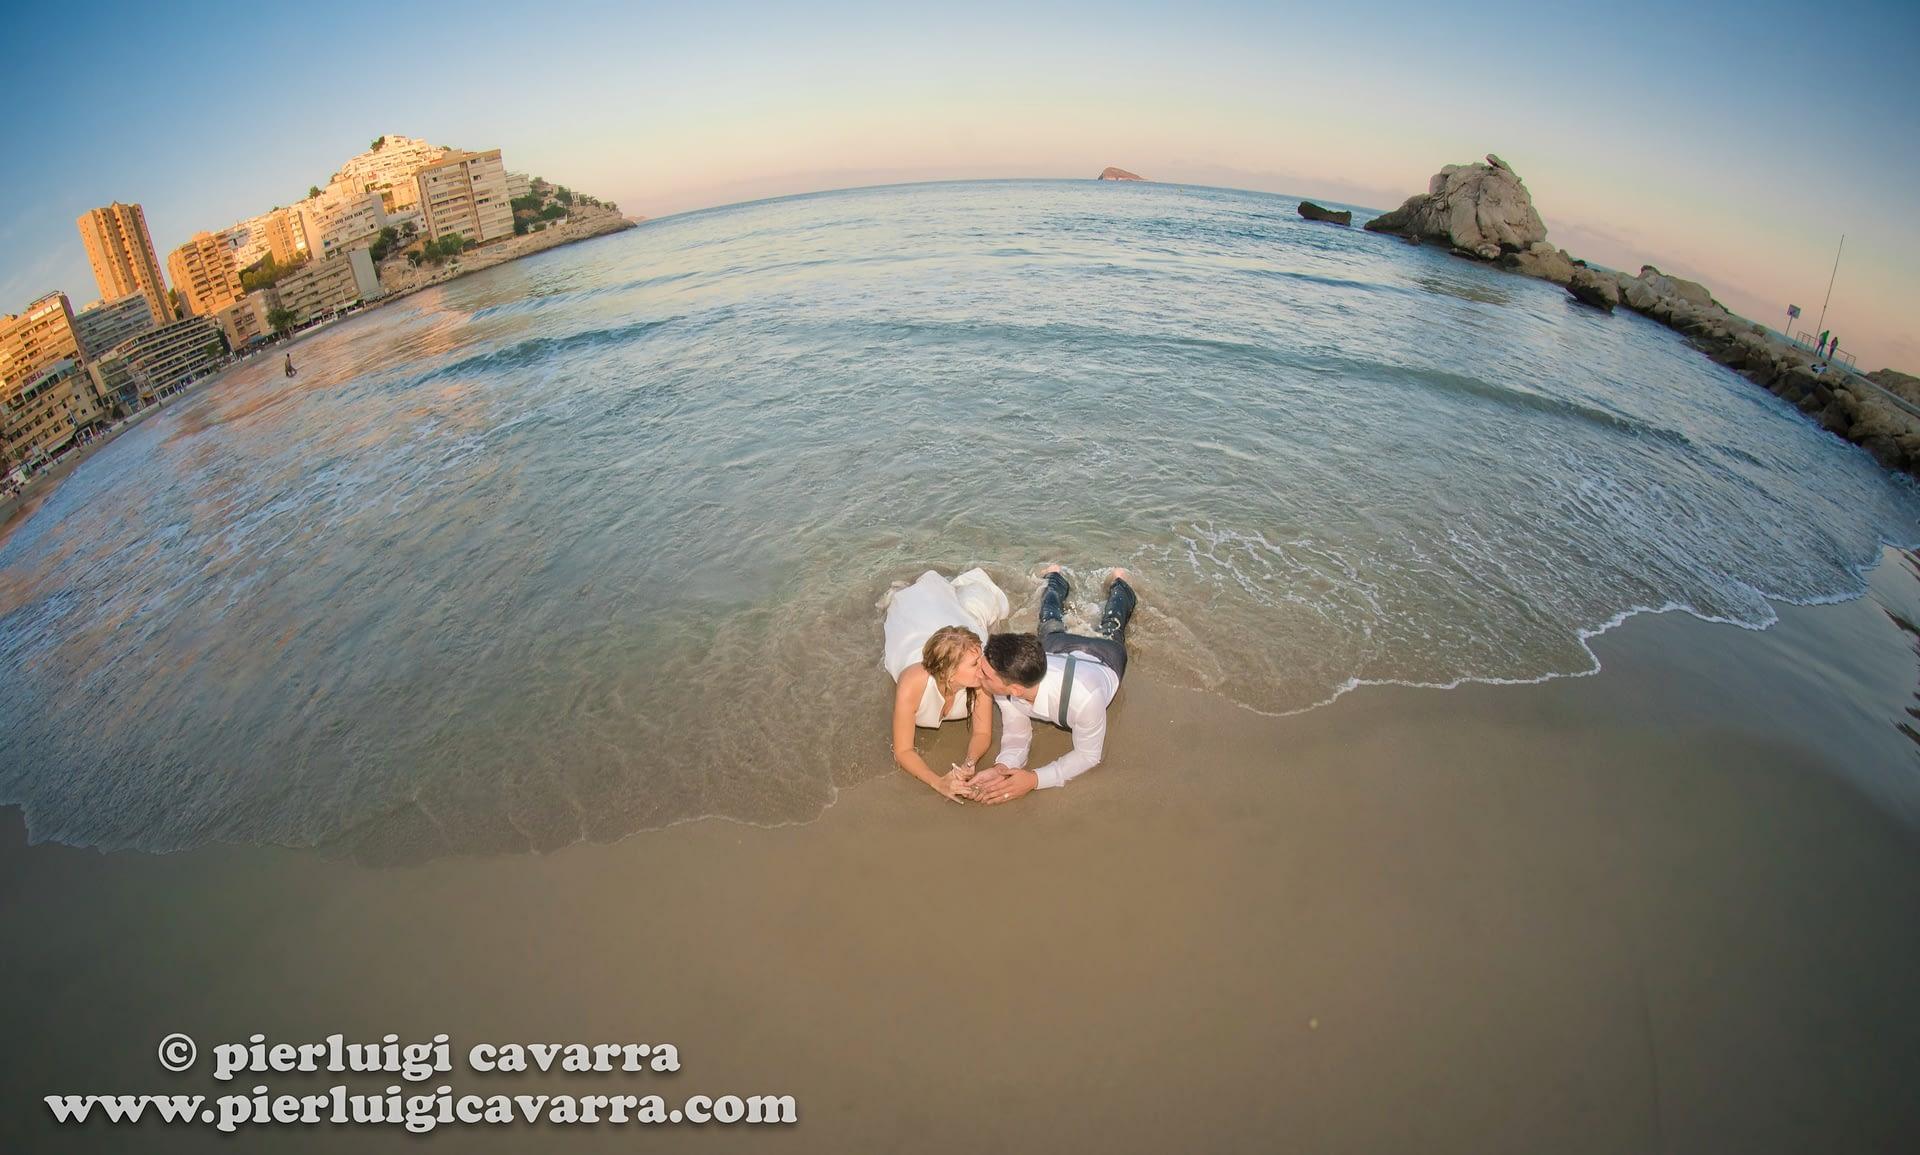 Pierluigi Cavarra - fotografo de bodas y eventos - wedding photographer costa blanca - ejemplo -30